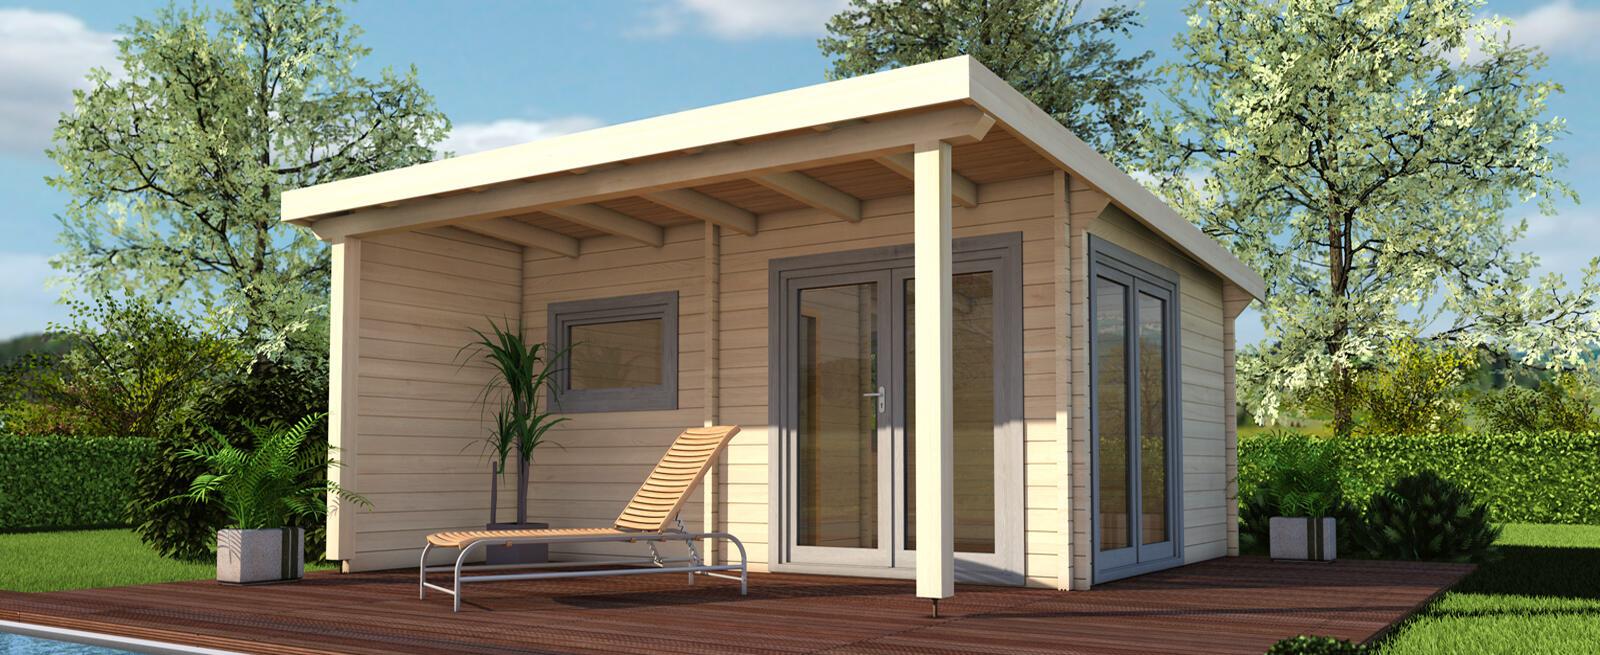 sauna die kombination von wellness und gesundheit. Black Bedroom Furniture Sets. Home Design Ideas